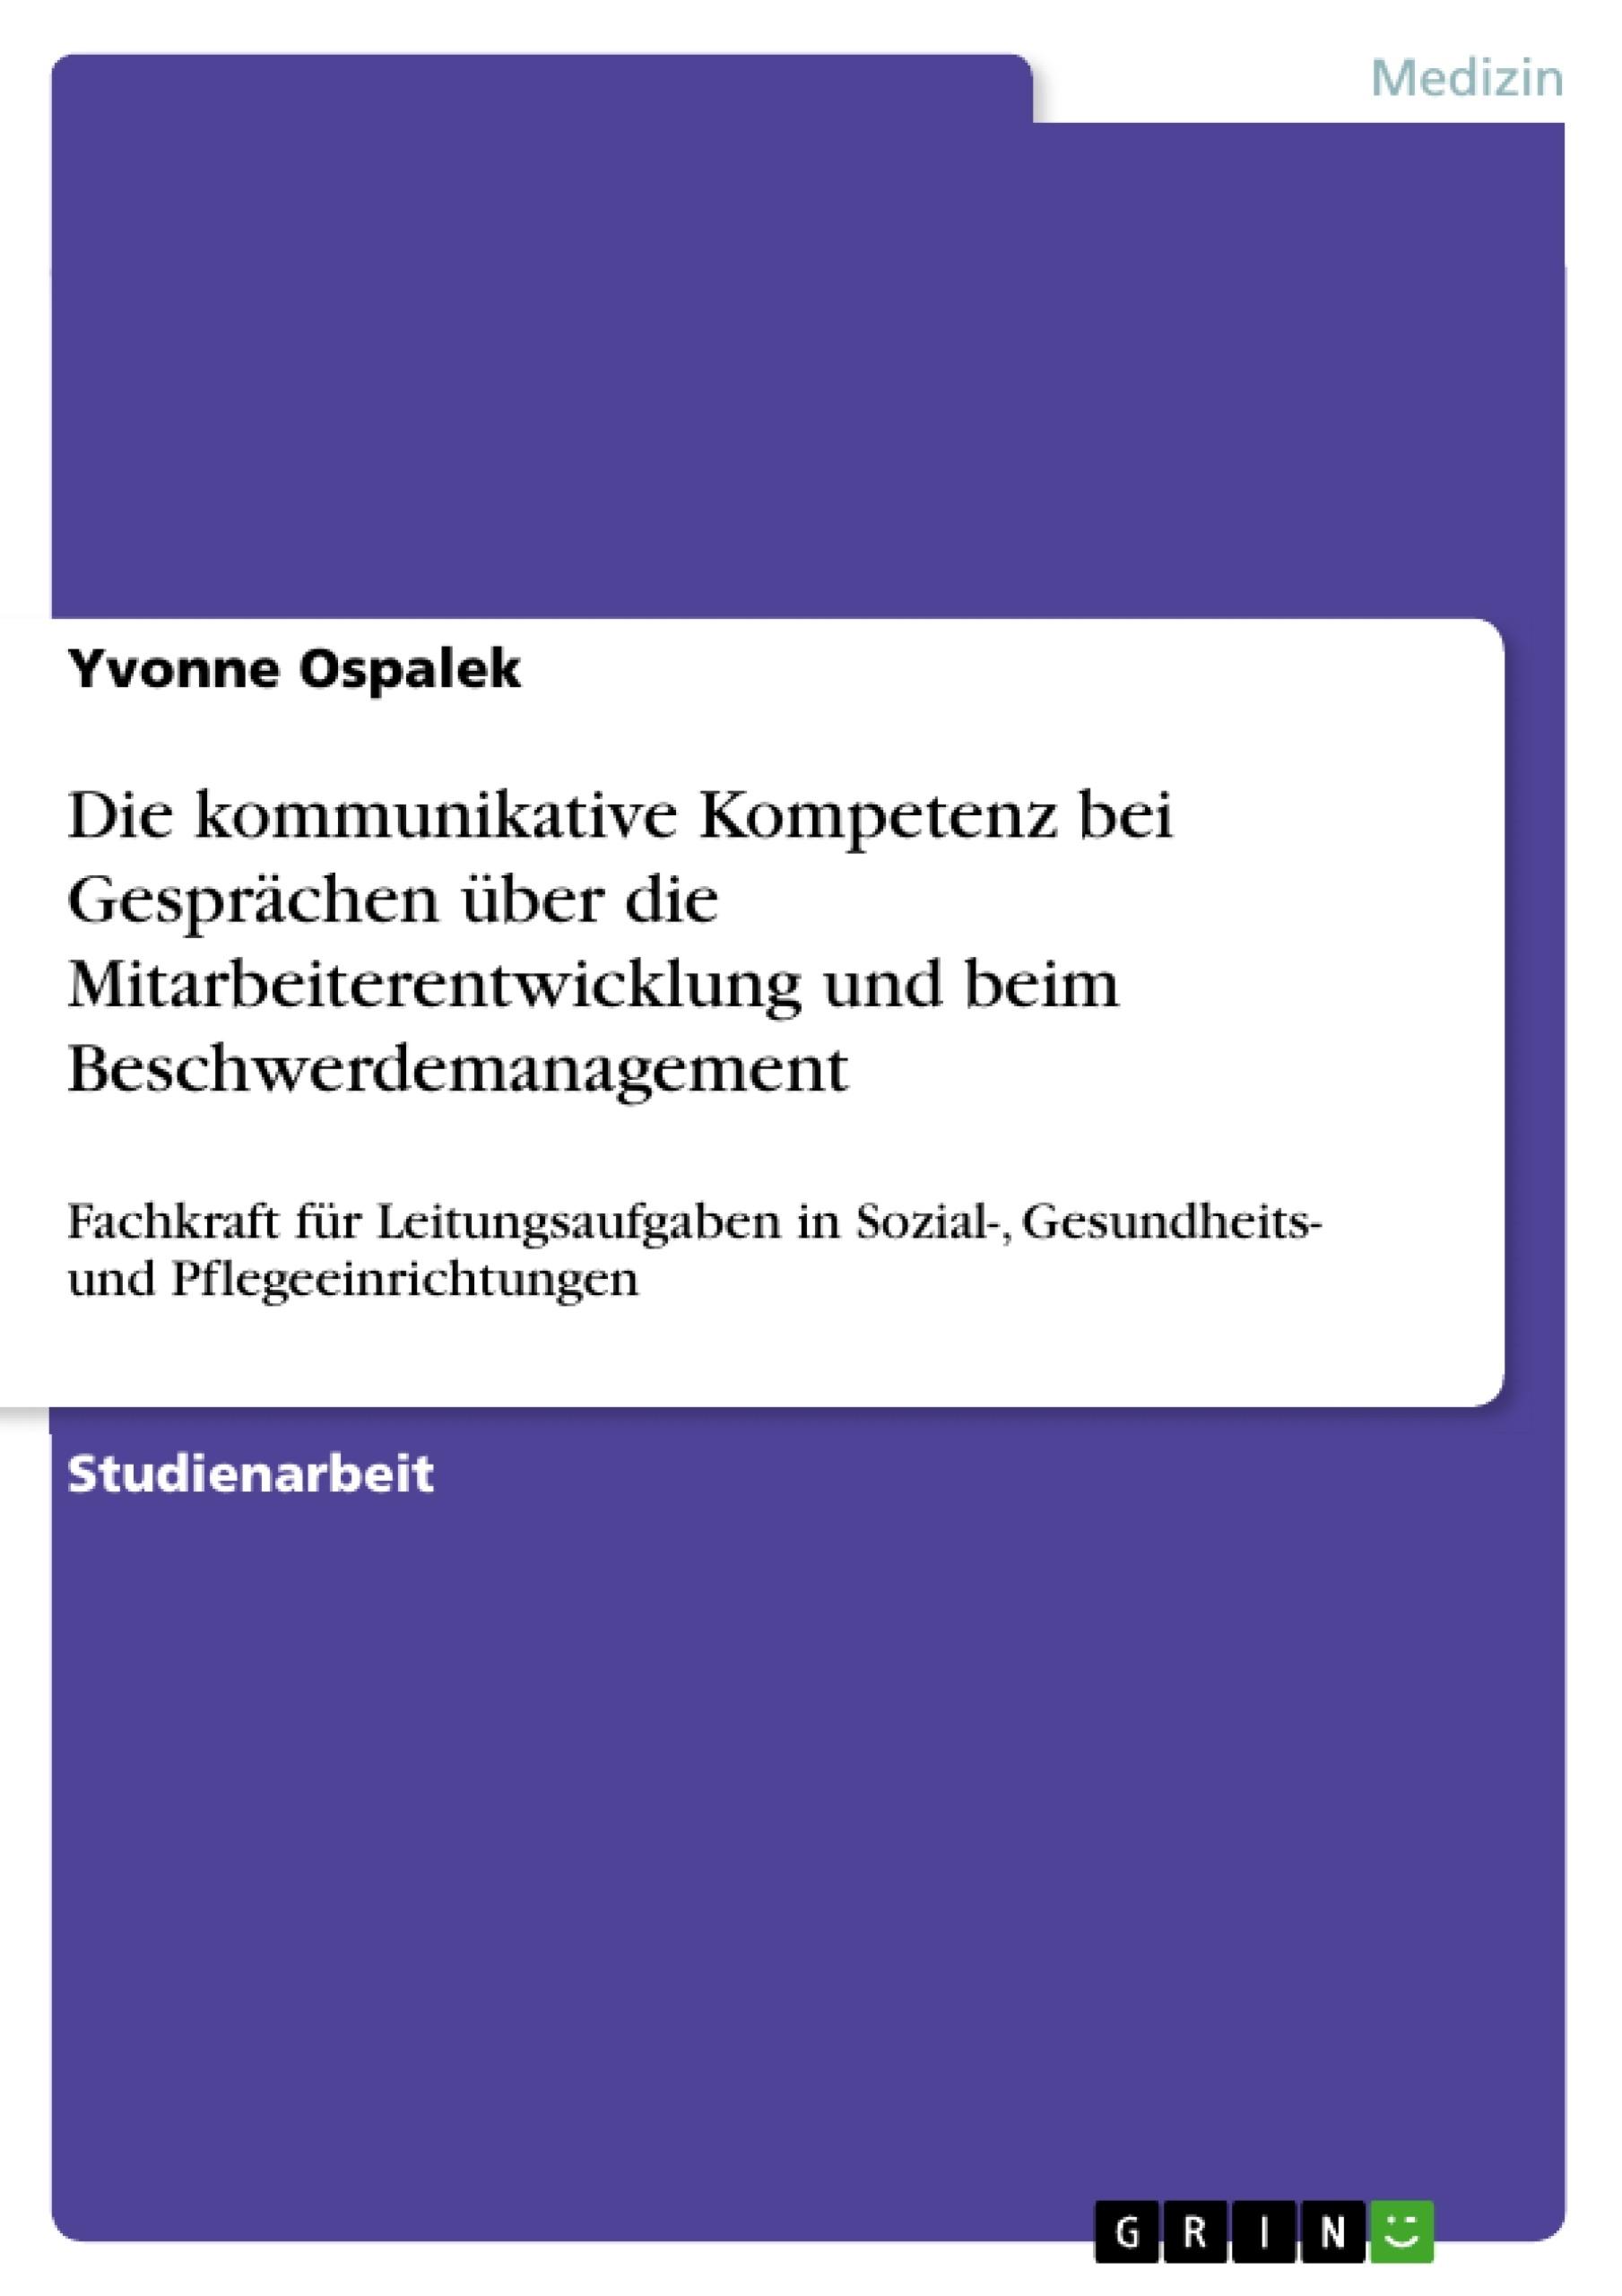 Titel: Die kommunikative Kompetenz bei Gesprächen über die Mitarbeiterentwicklung und beim Beschwerdemanagement